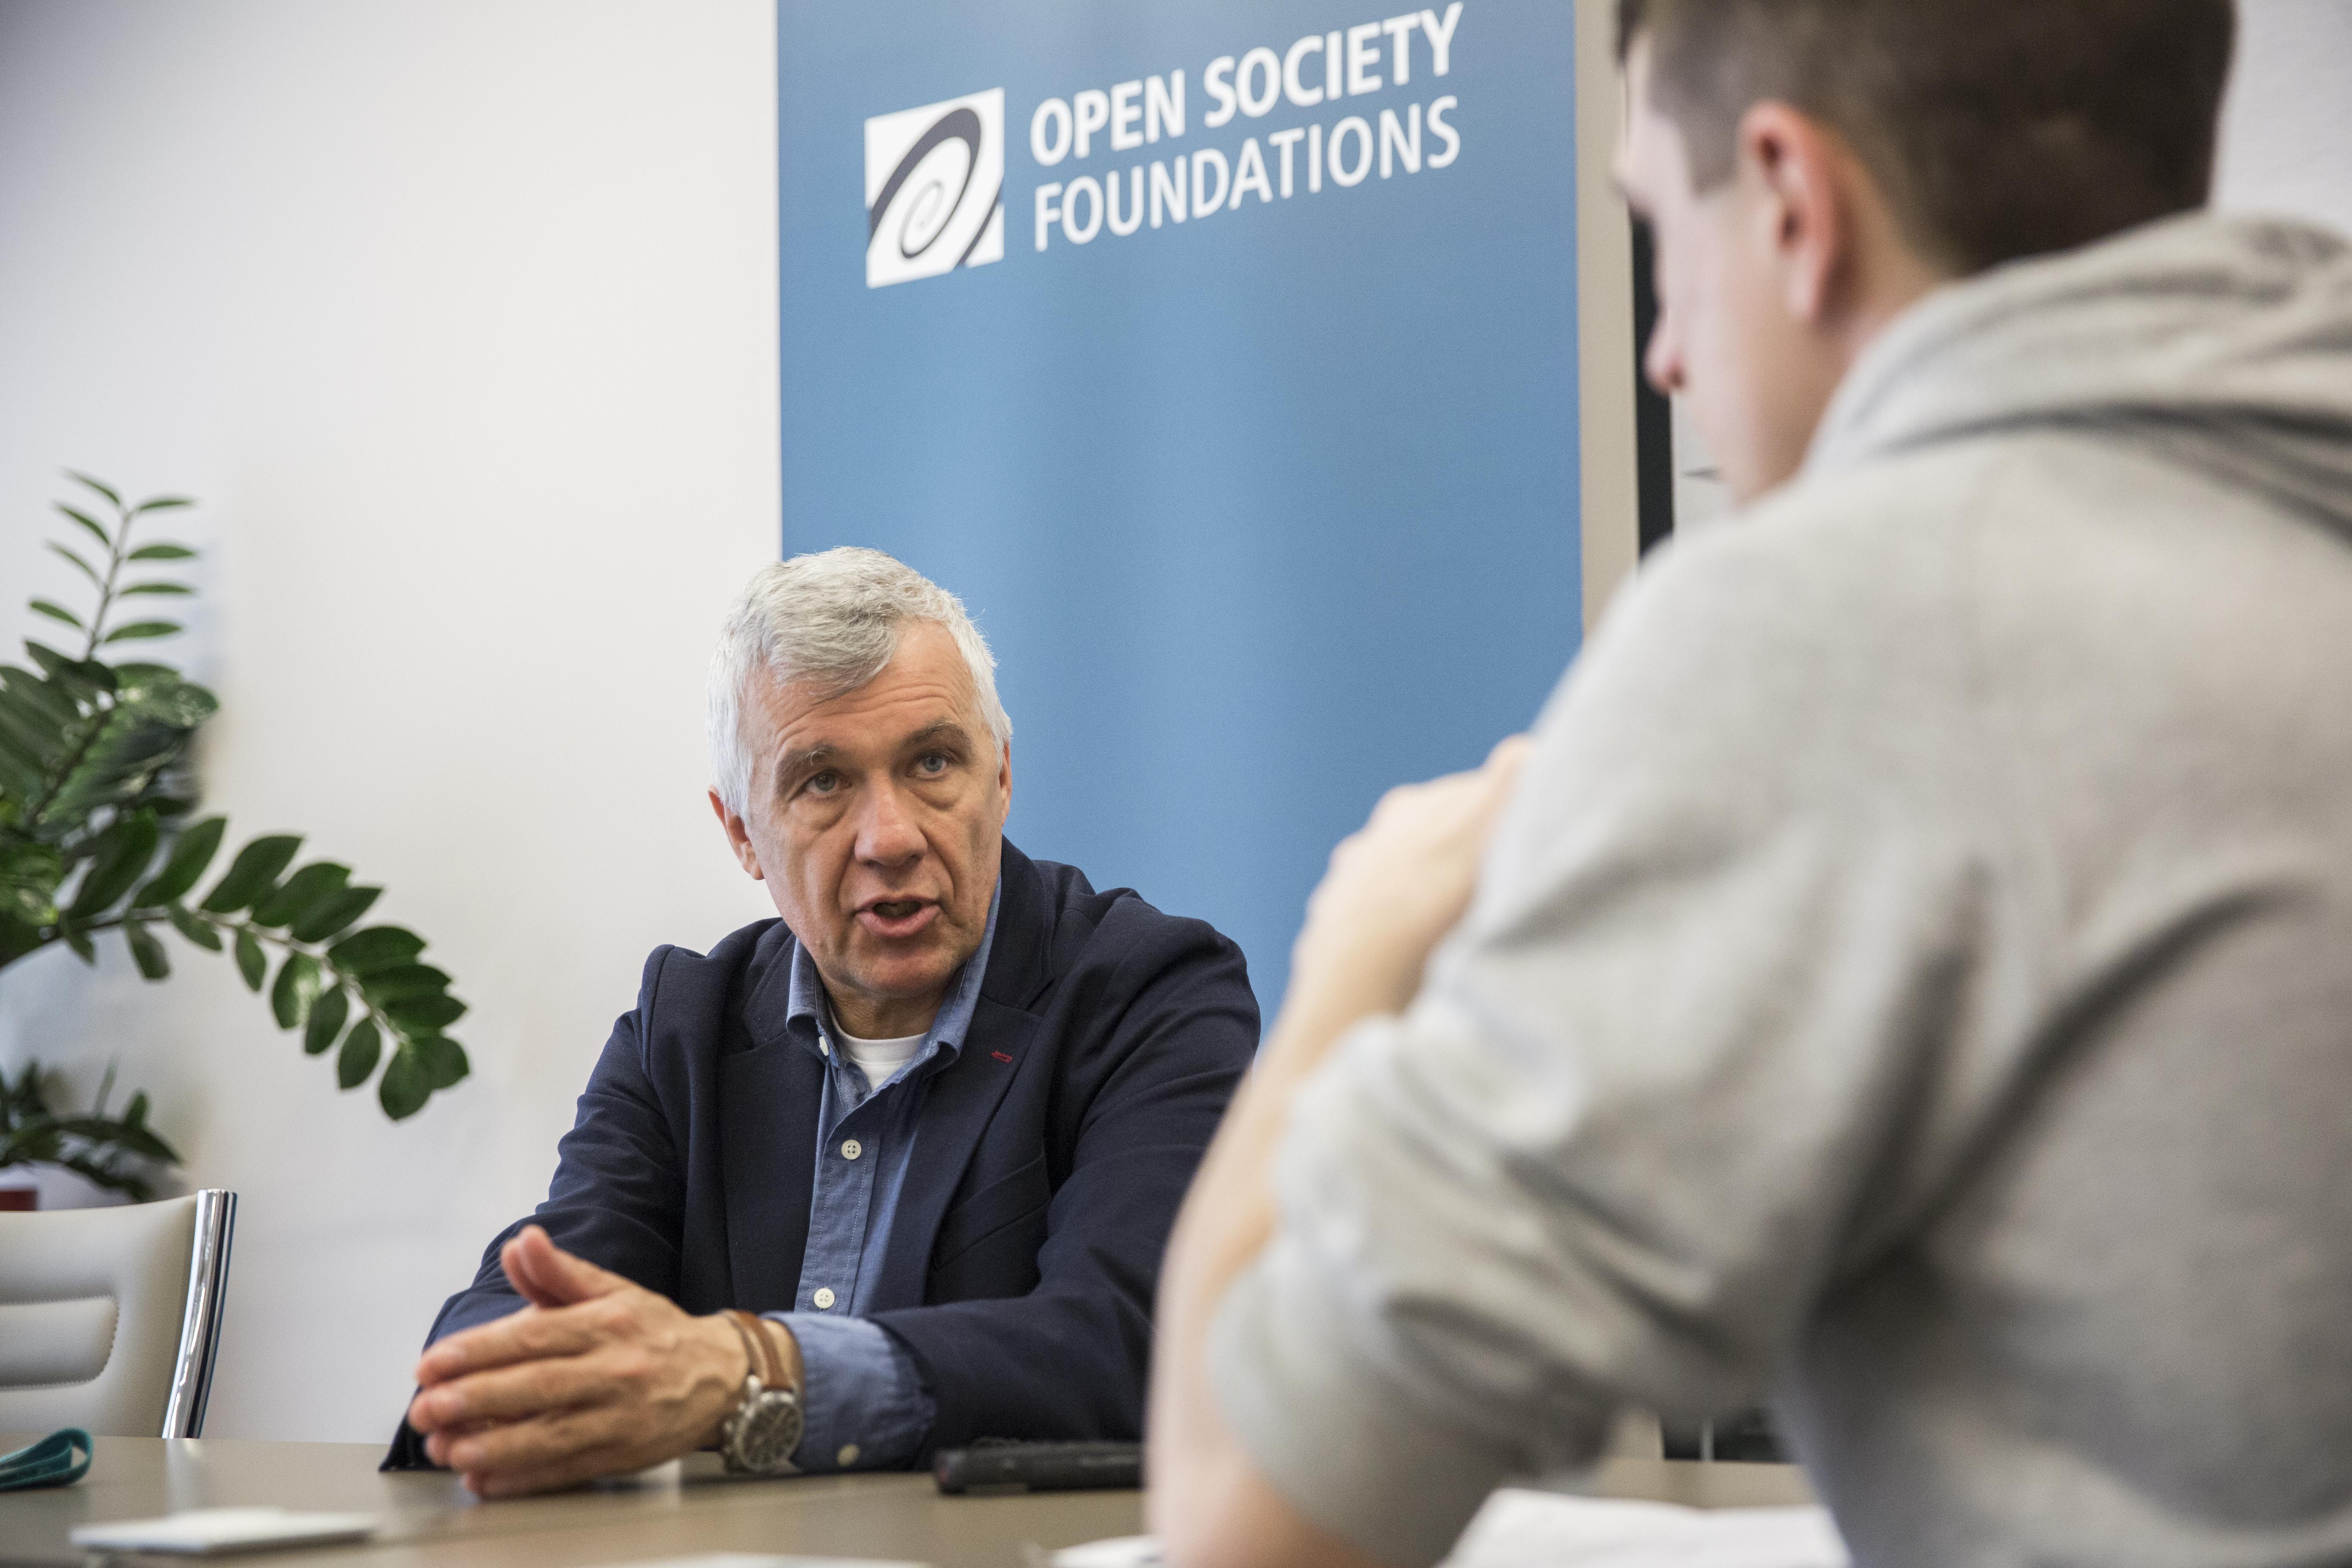 Open Society: A kollégáink ellenségnek lettek kikiáltva, fenyegető a légkör